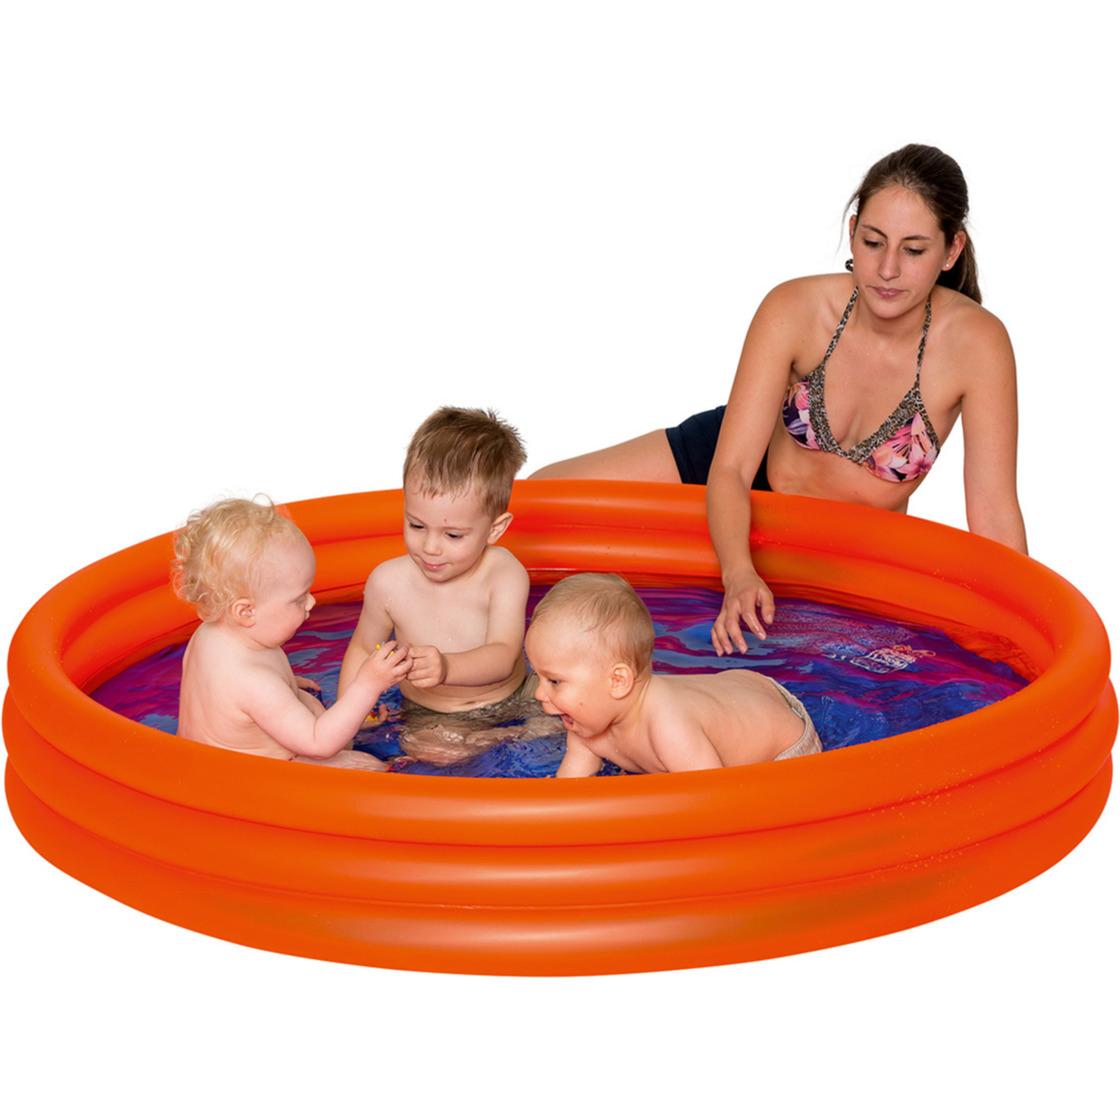 Opblaasbadje rond oranje voor kinderen 157 x 28 cm -